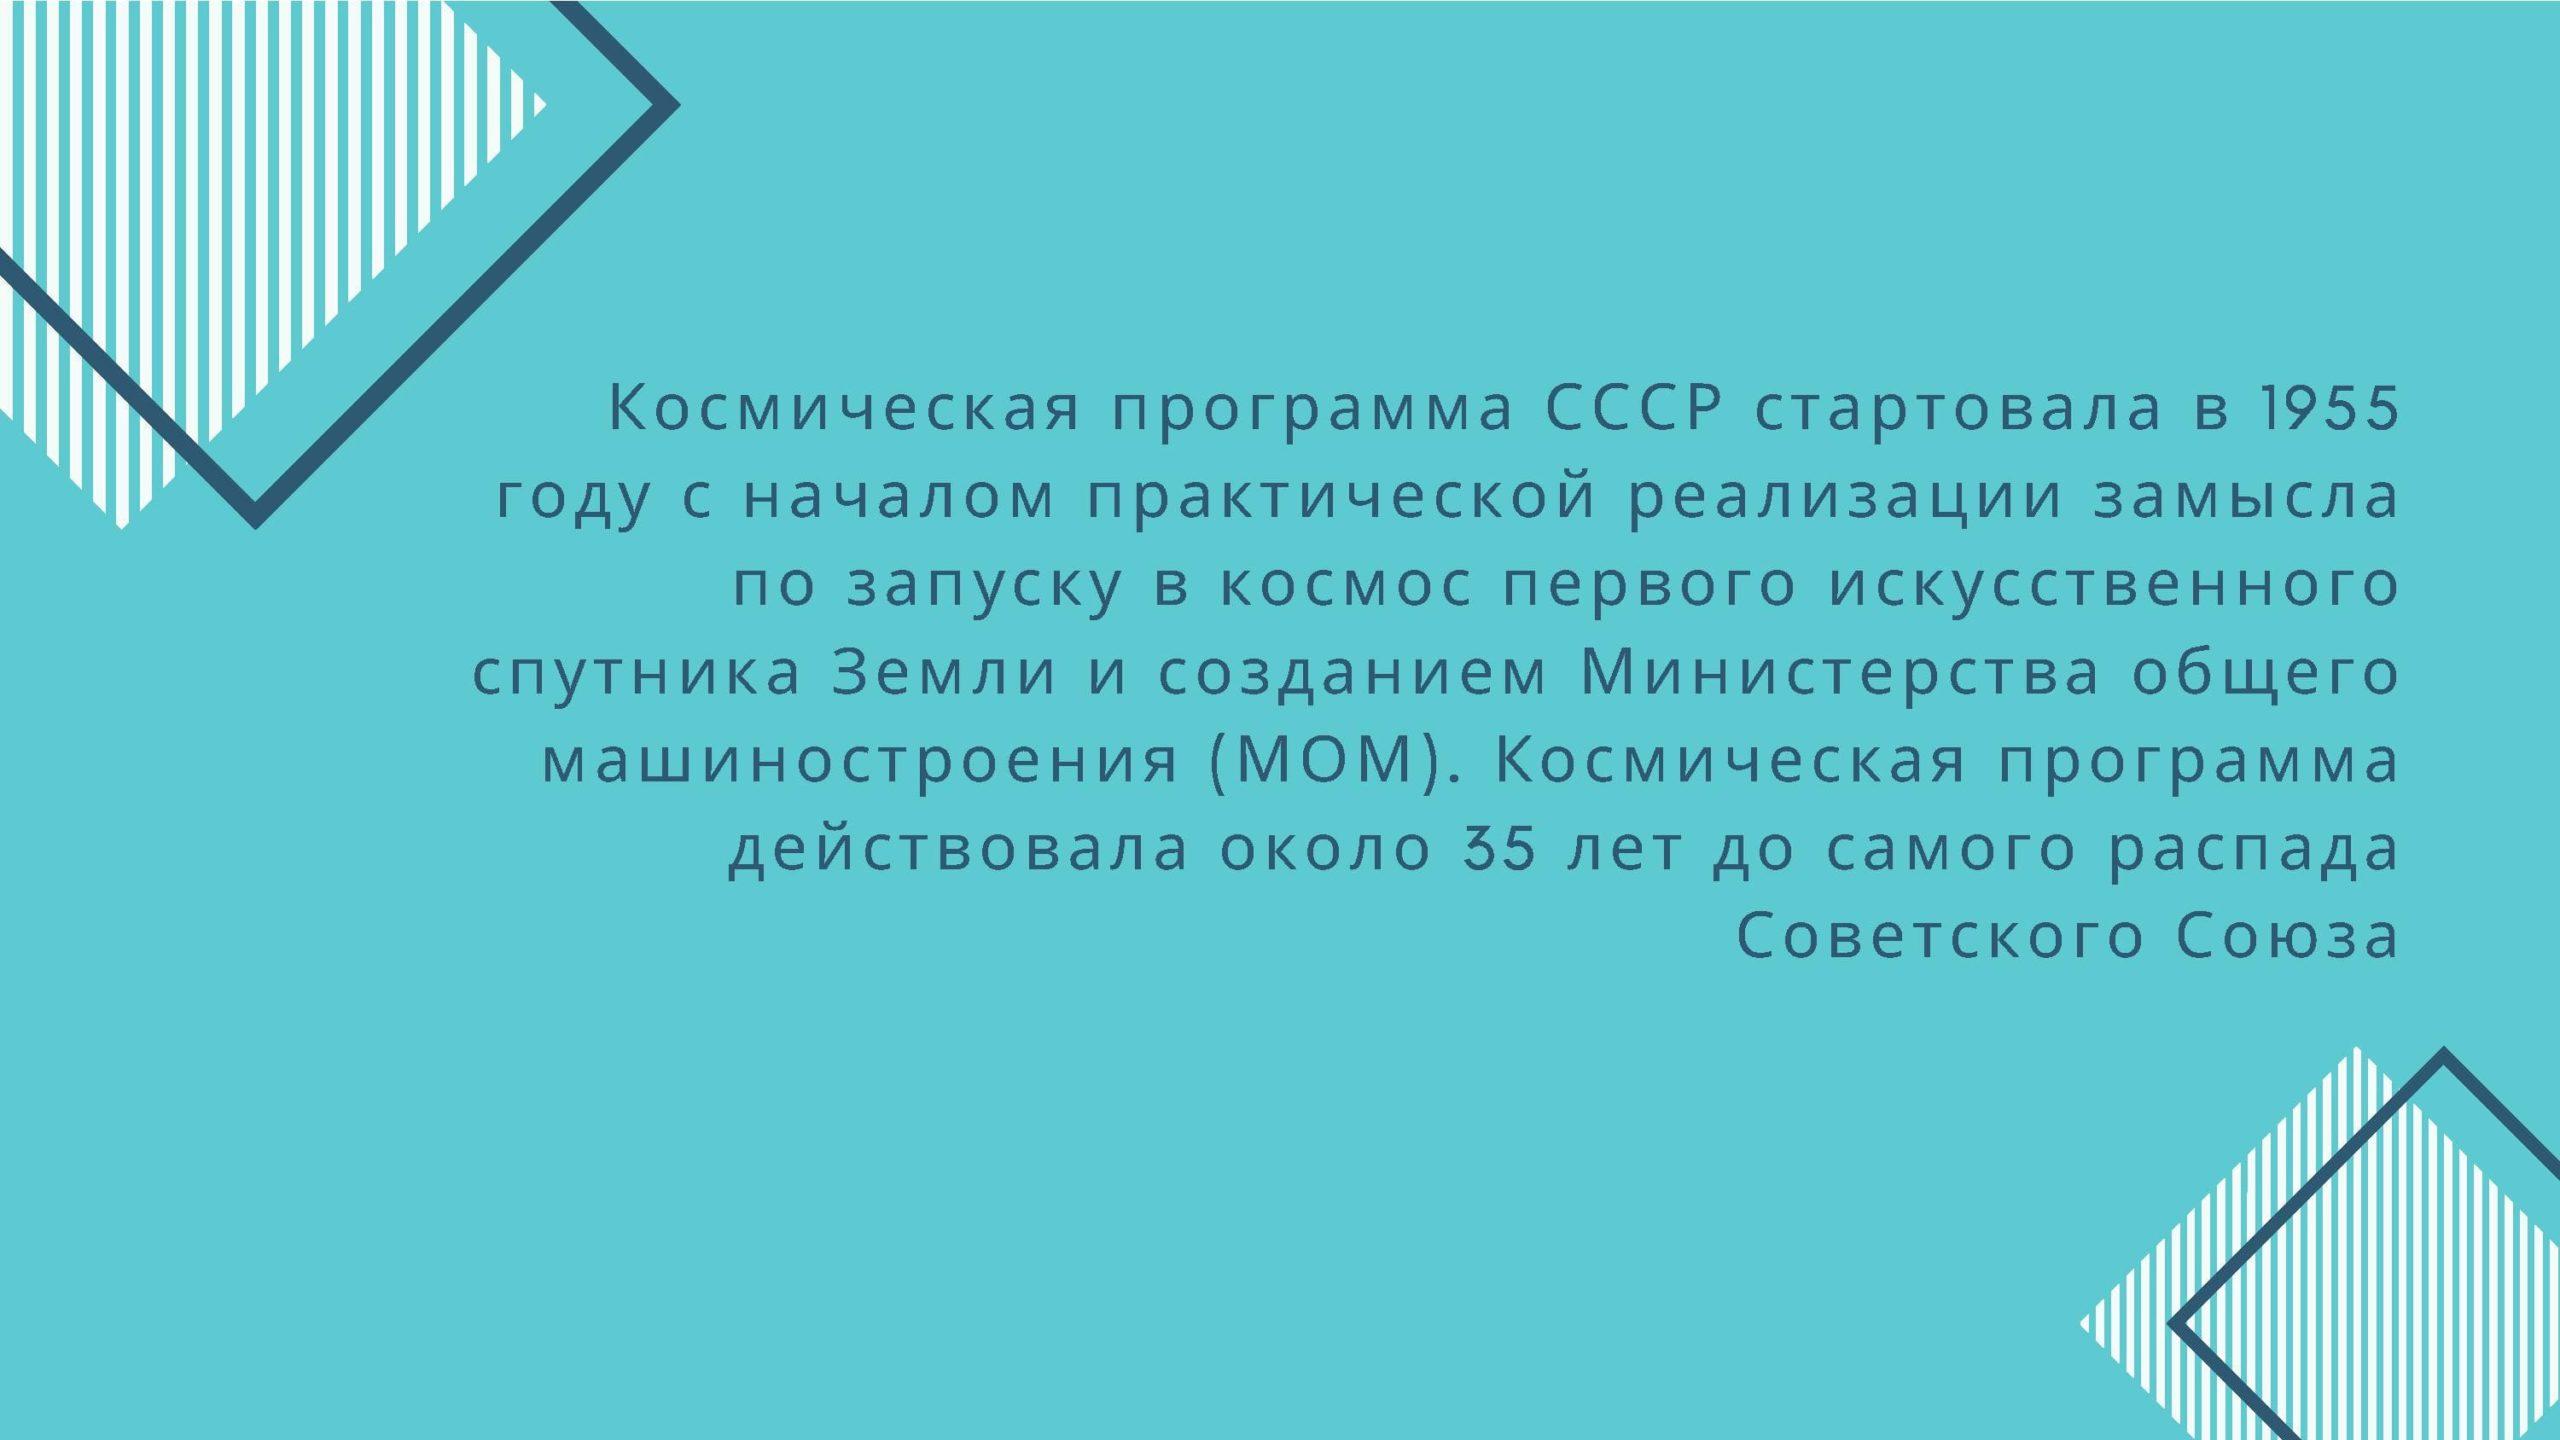 Космическая программа СССР стартовала в 1955 году